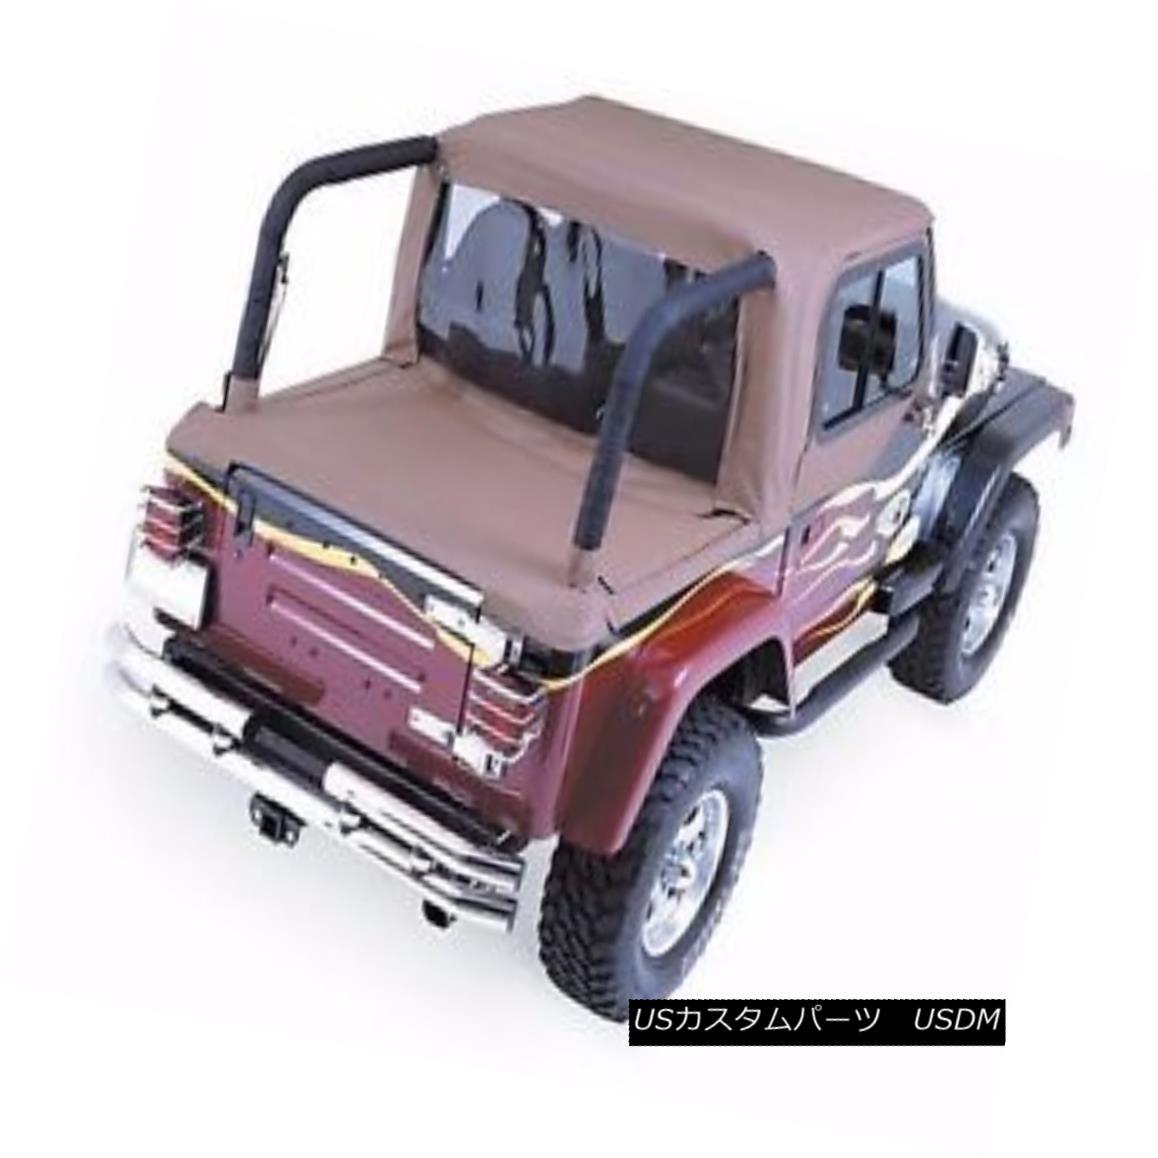 幌・ソフトトップ Rampage Full Cab Enclosure & Tonneau Cover 97-02 Jeep Wrangler TJ 994017 Spice ランペイジフルキャブエンクロージャー& トノーカバー97-02ジープラングラーTJ 994017スパイス